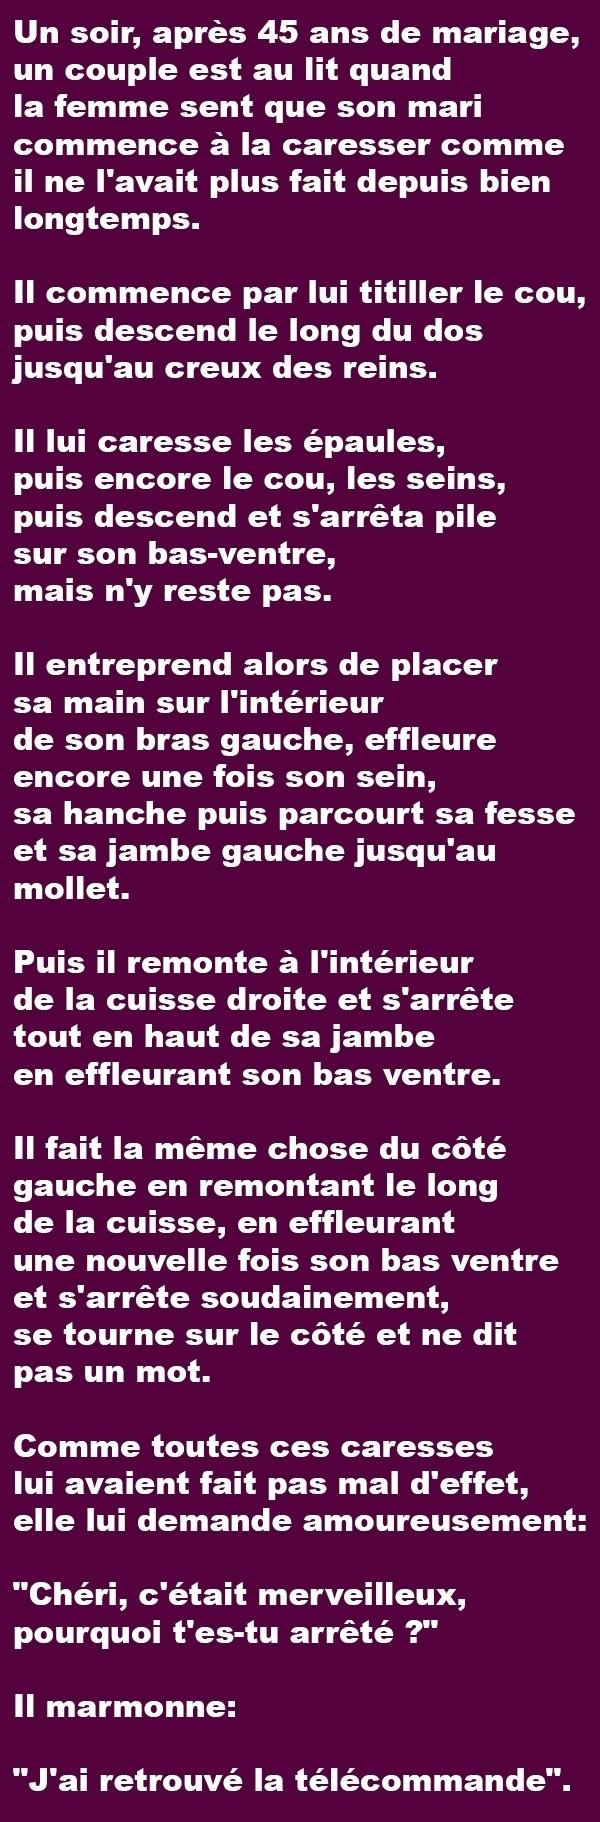 Special Blague, allez y , lachez vous  ! - Page 7 Fdr11